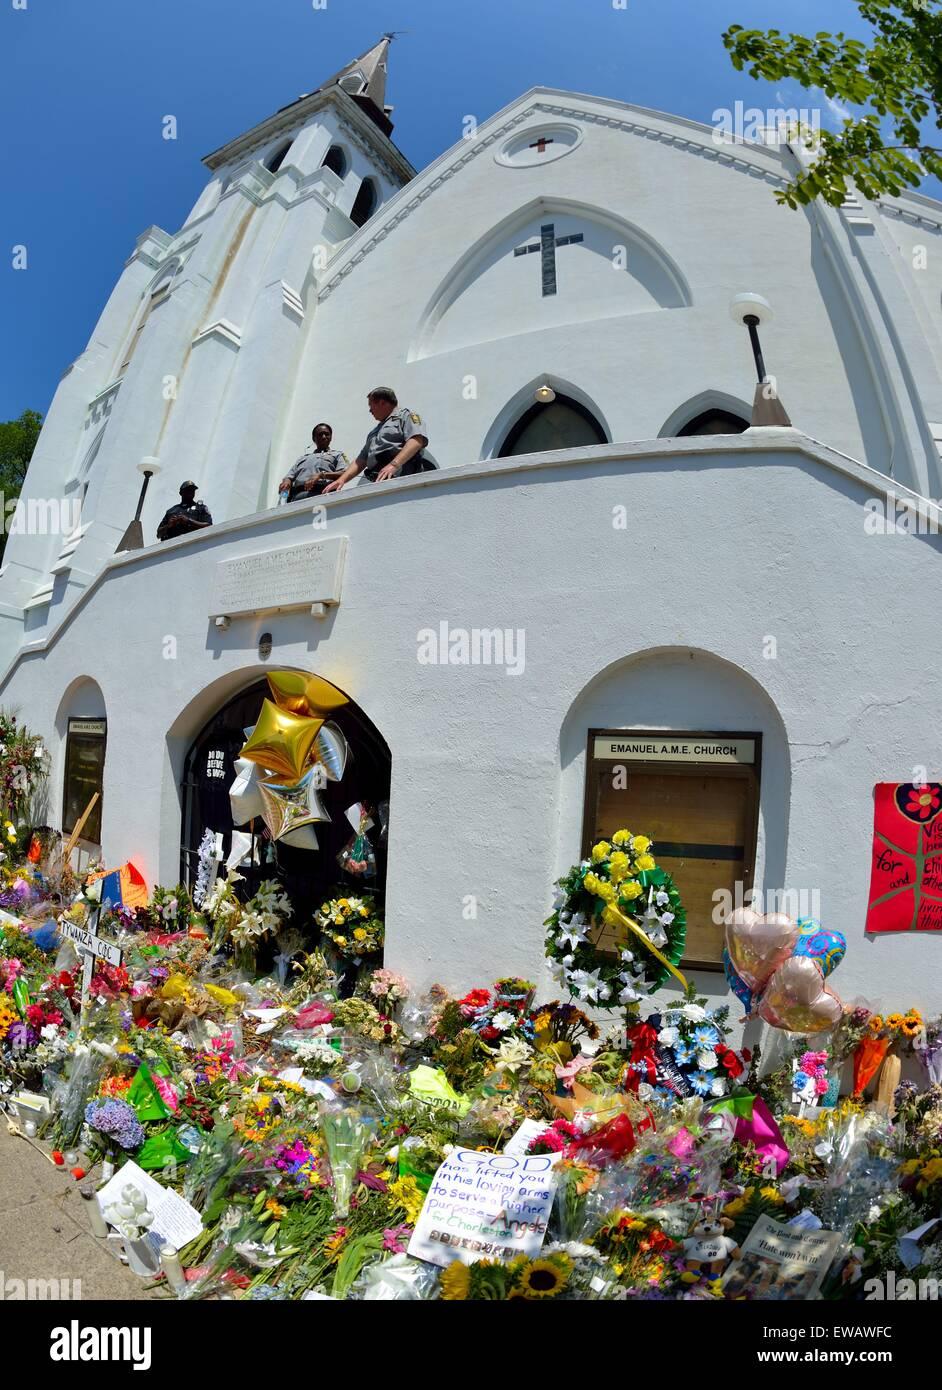 Flores, señales y otros tributos a nueve víctimas de una violenta rampage delante de la AME Church en Imagen De Stock